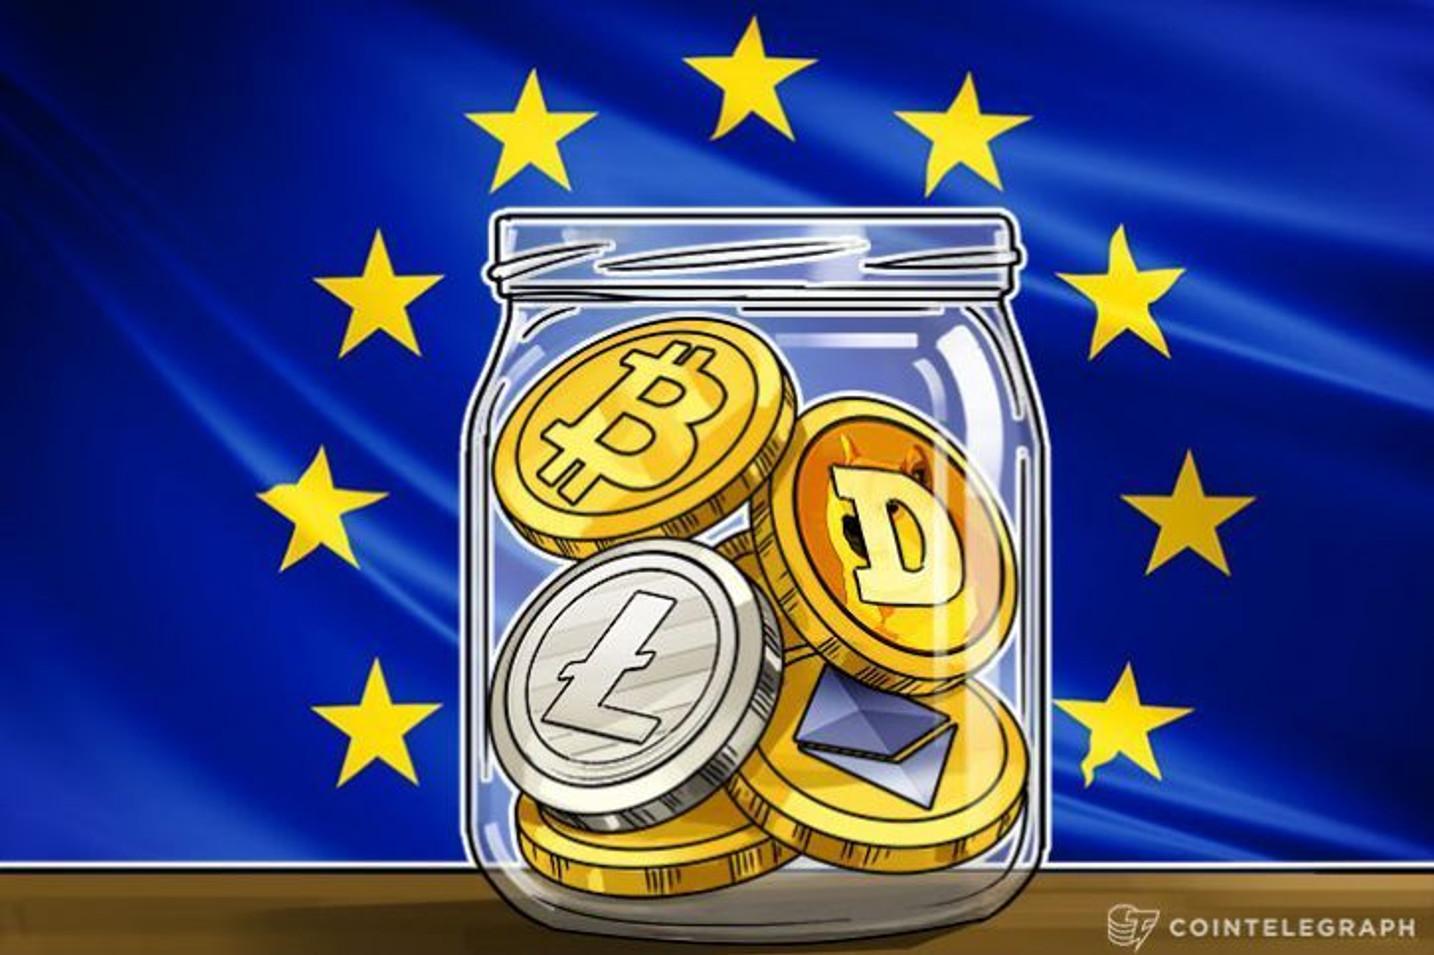 Član saveta: Evropska centralna banka razmatra regulaciju bitkoina